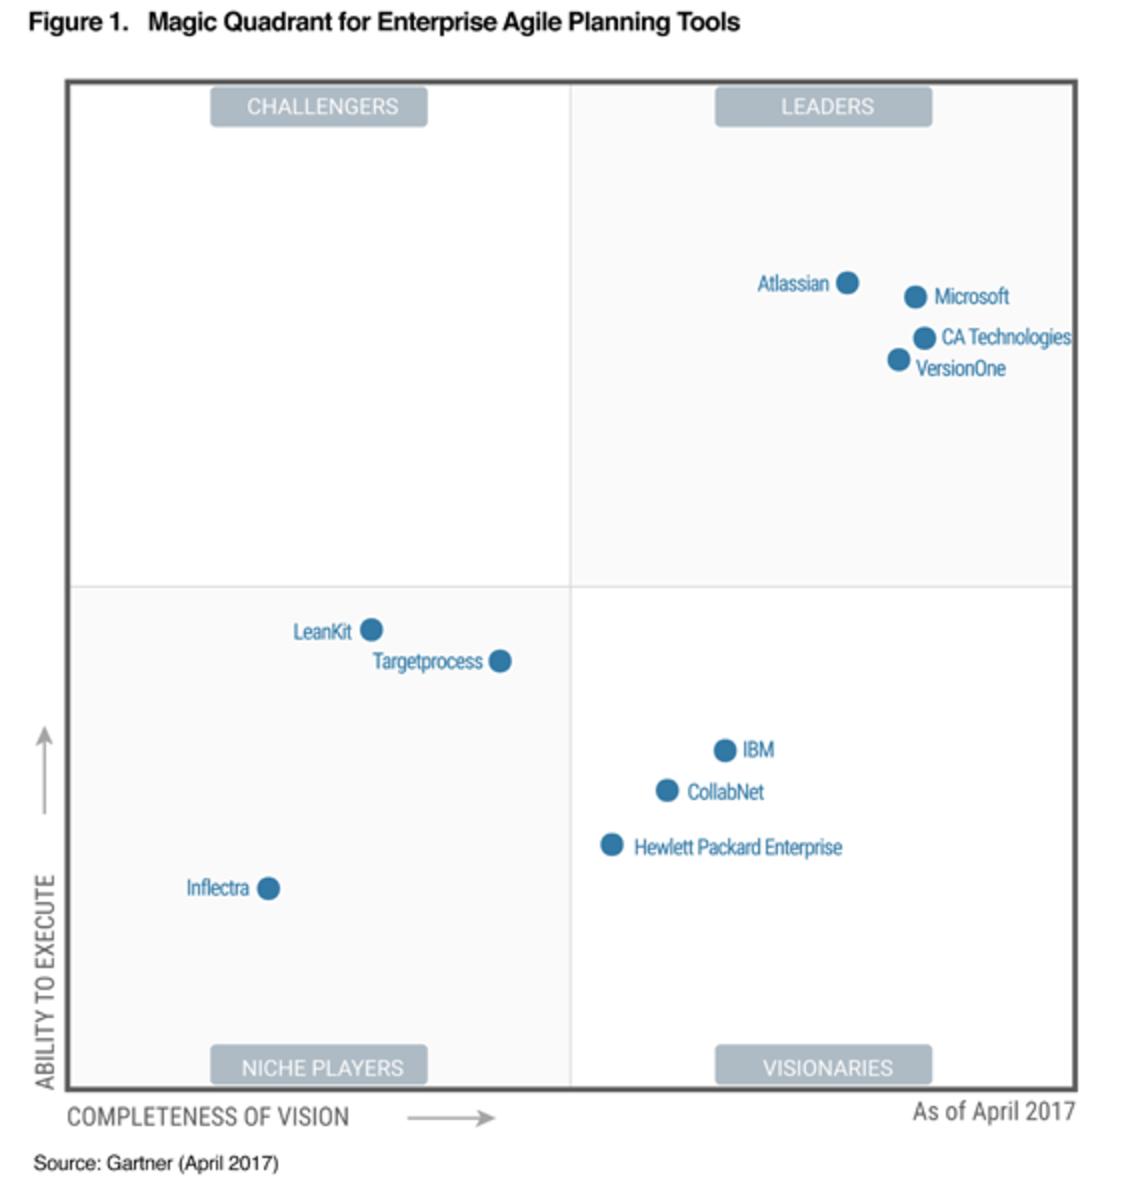 Atlassian Is The Leader In The Gartner Magic Quadrant